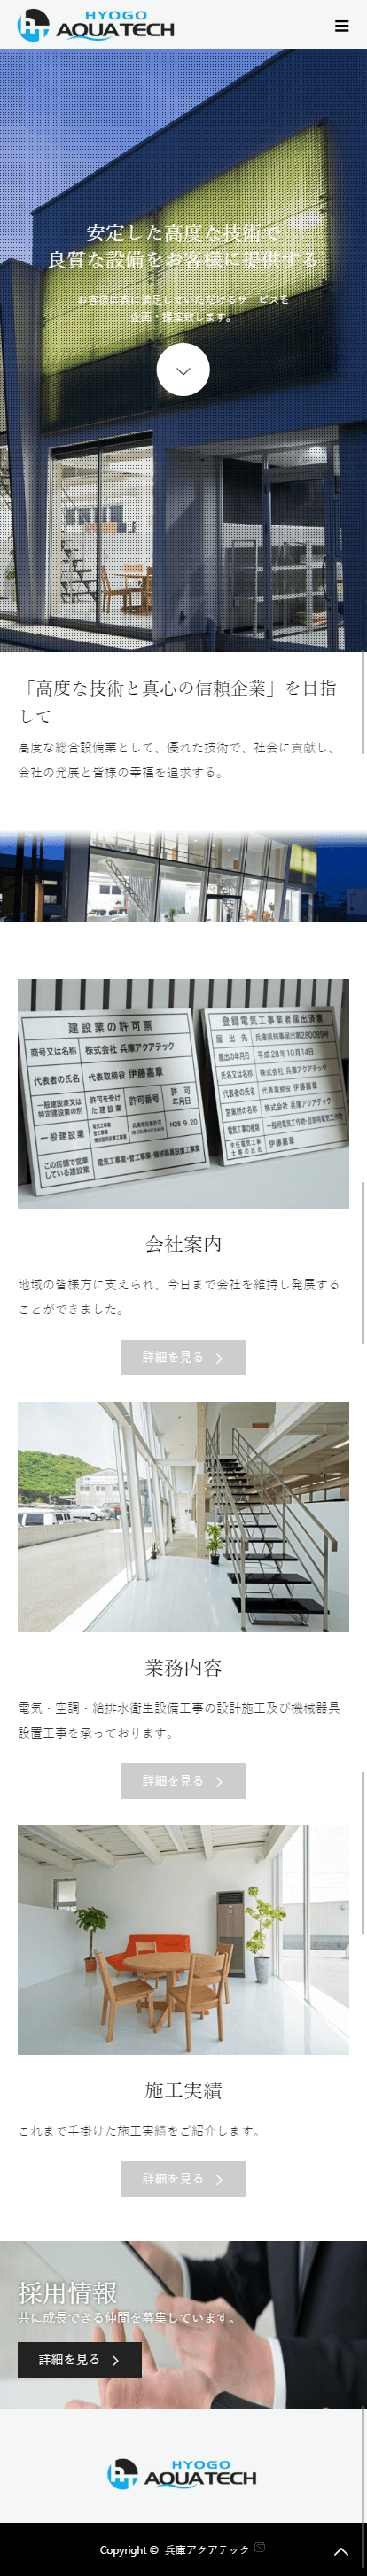 姫路市 株式会社兵庫アクアテック ホームページ制作3